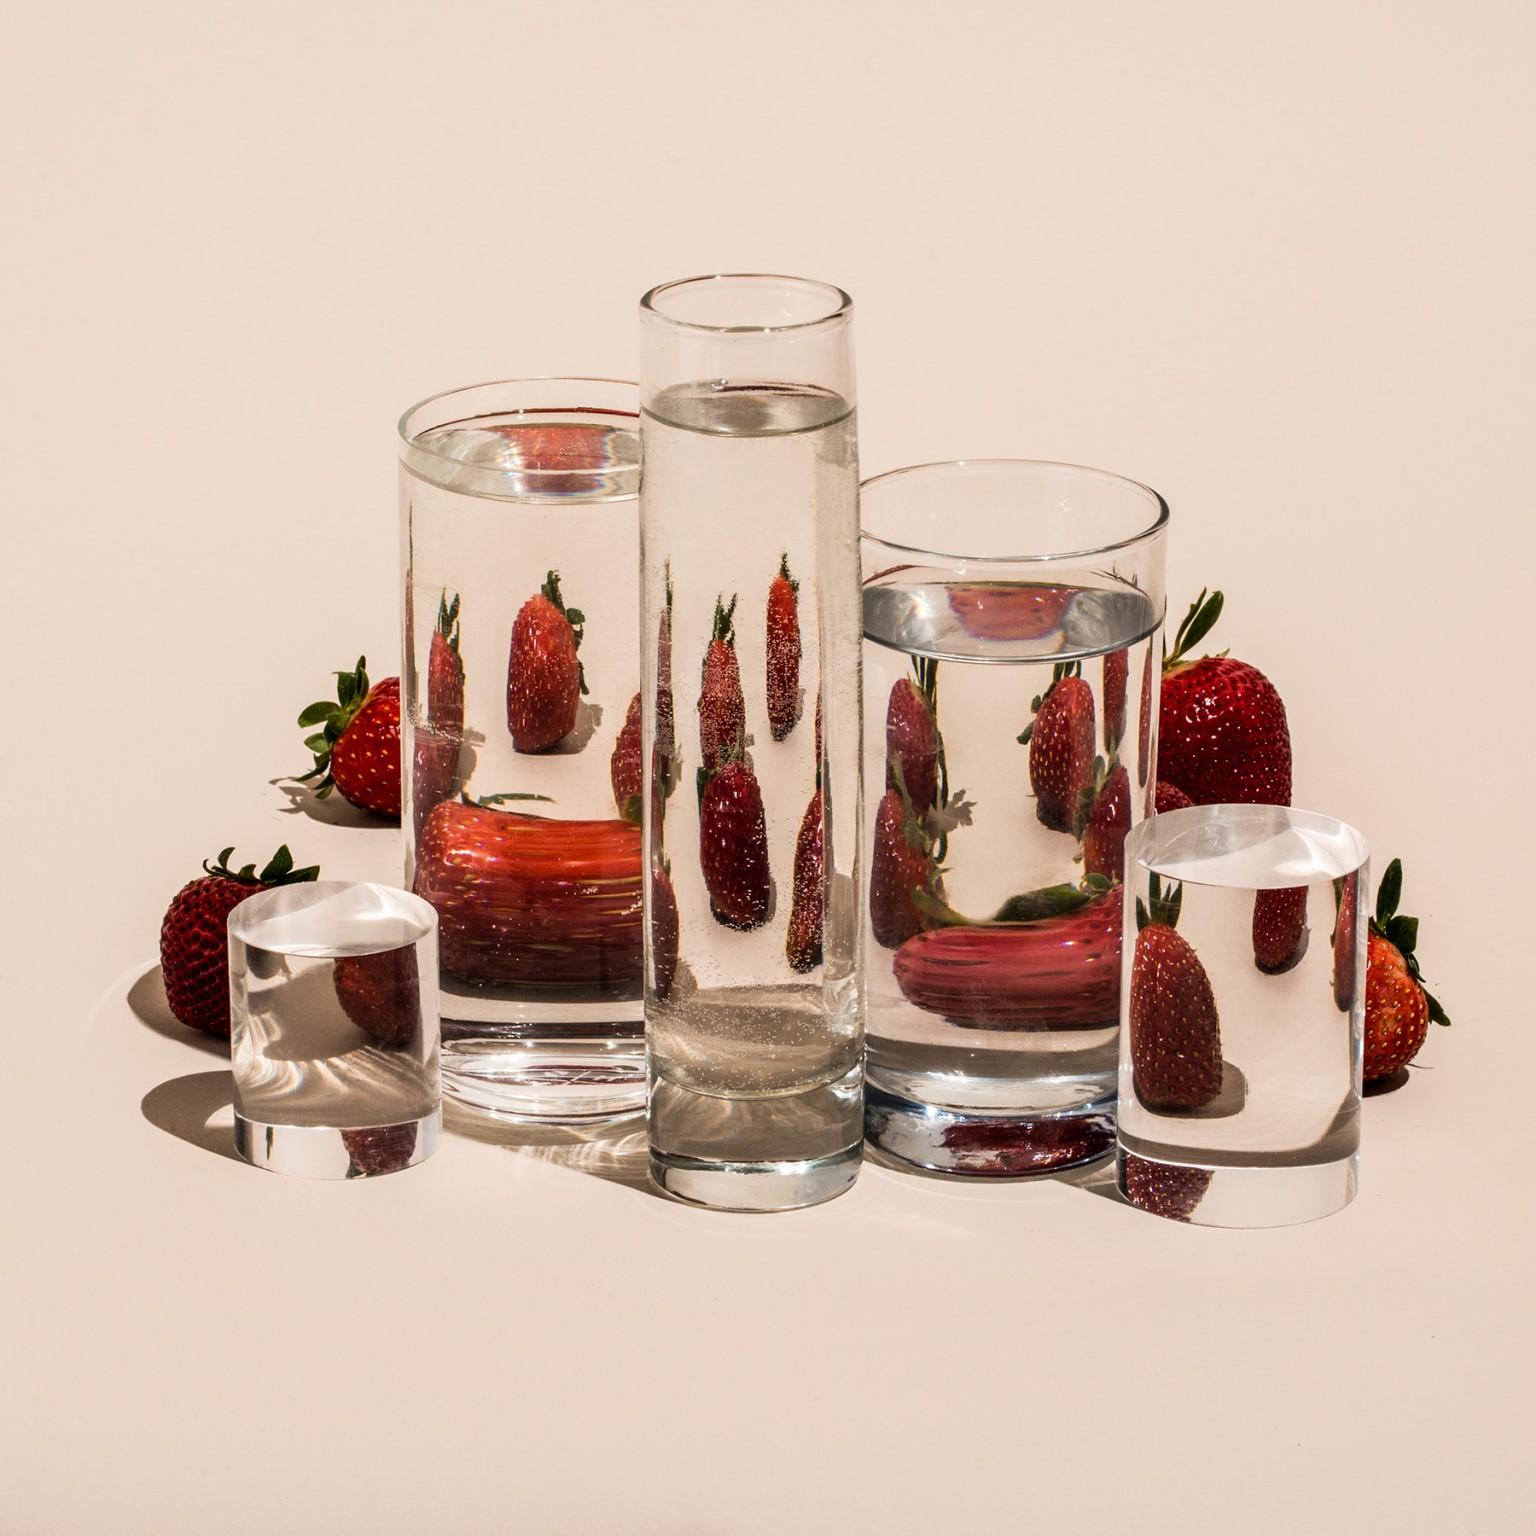 Perspective, le fotografie distorte di Suzanne Saroff | Collater.al 5